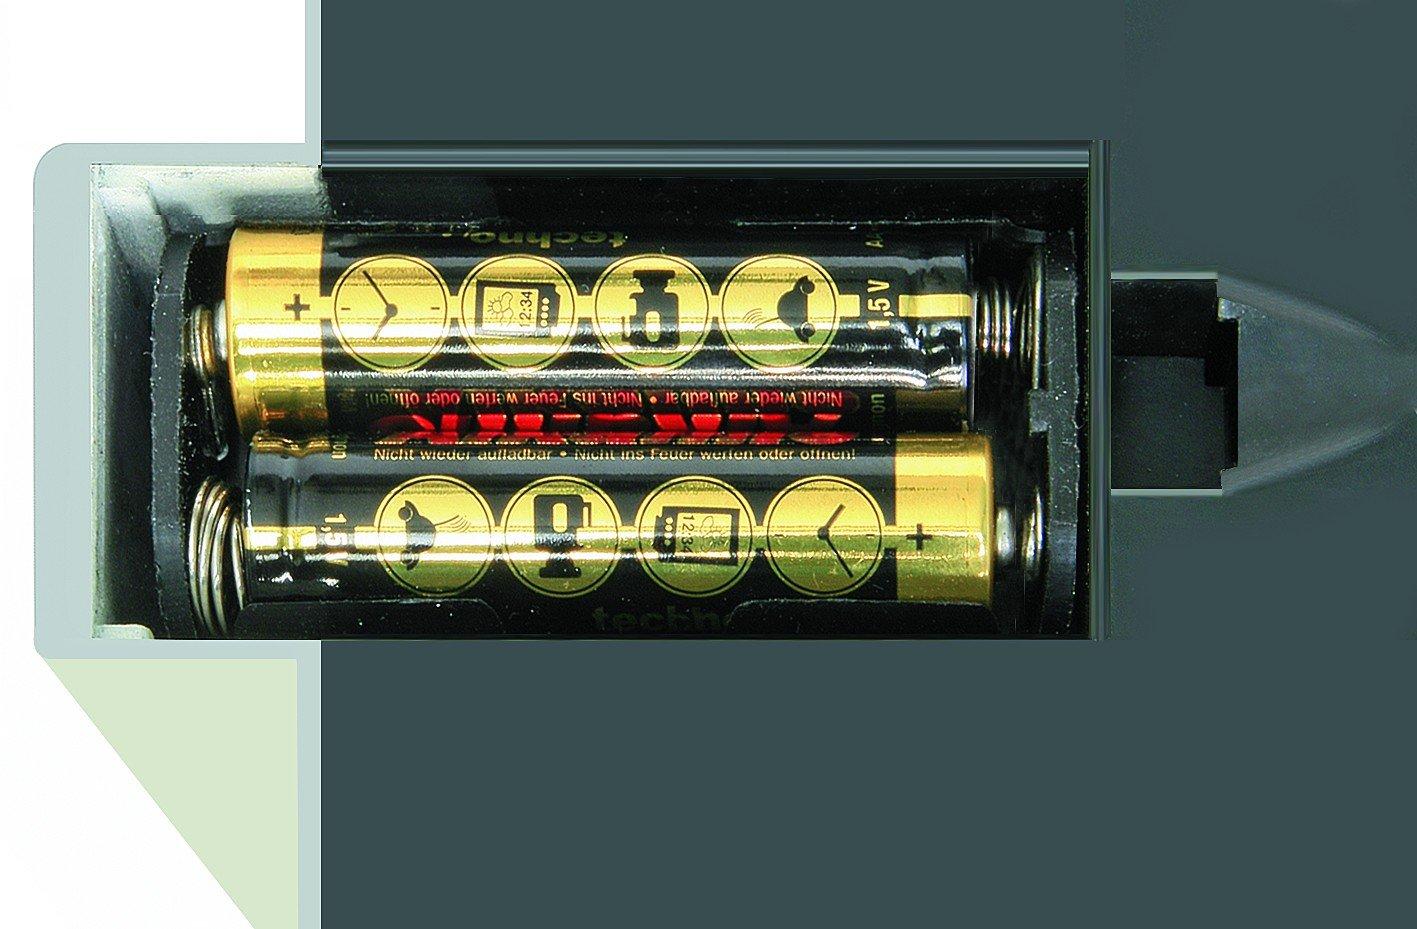 Bresser monokulares durchlicht und auflicht mikroskop duolux mit